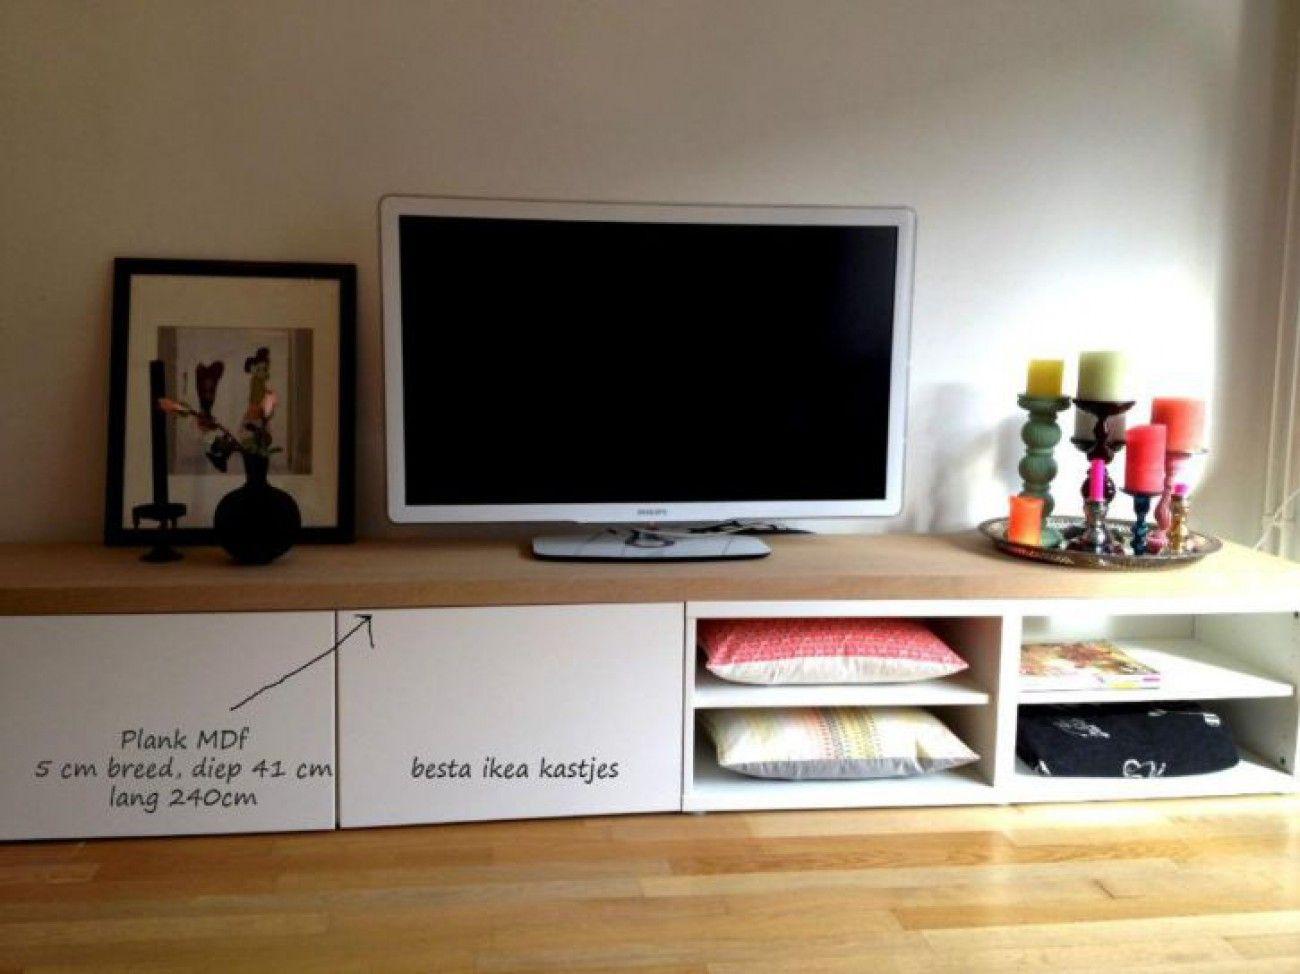 Leuk Tv Dressoir Van Ikea Besta Kastjes En Een Mdf Plank Erop  # Meuble Tv Ecran Plat Ikea